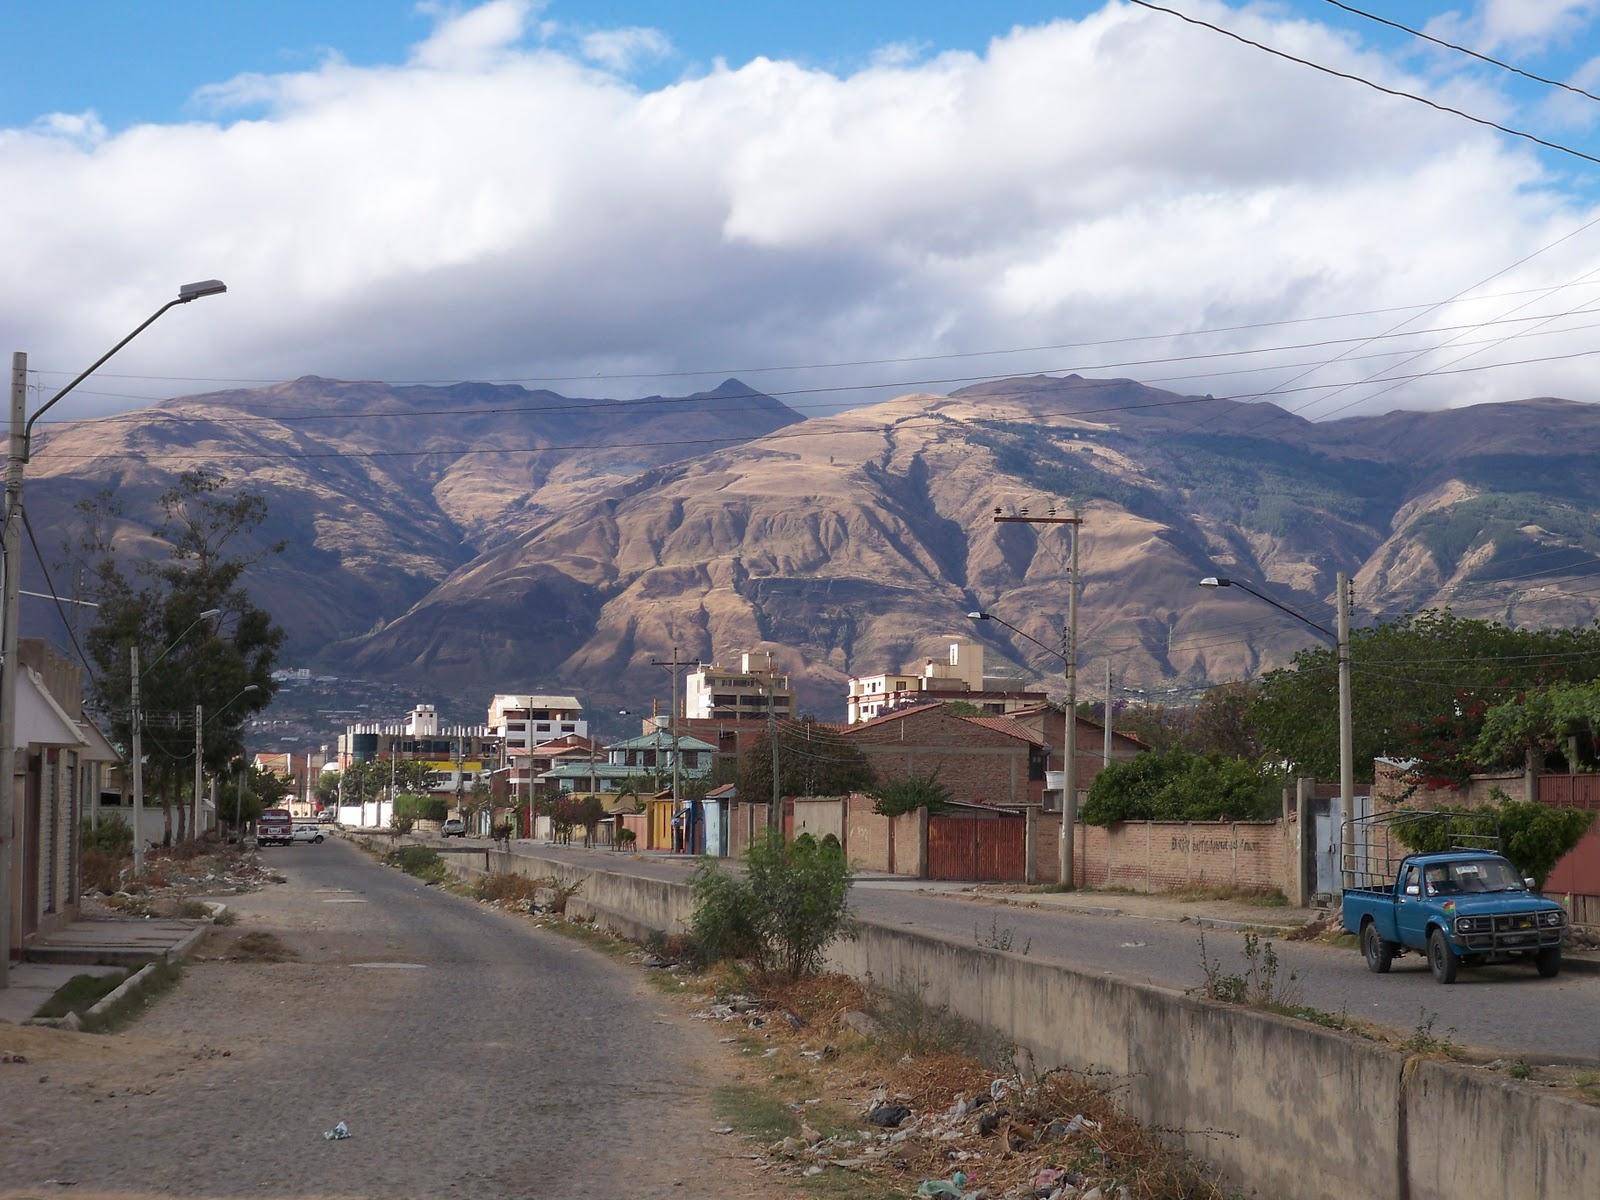 Cochabamba Bolivia  City pictures : When in Bolivia: Hola Cochabamba!